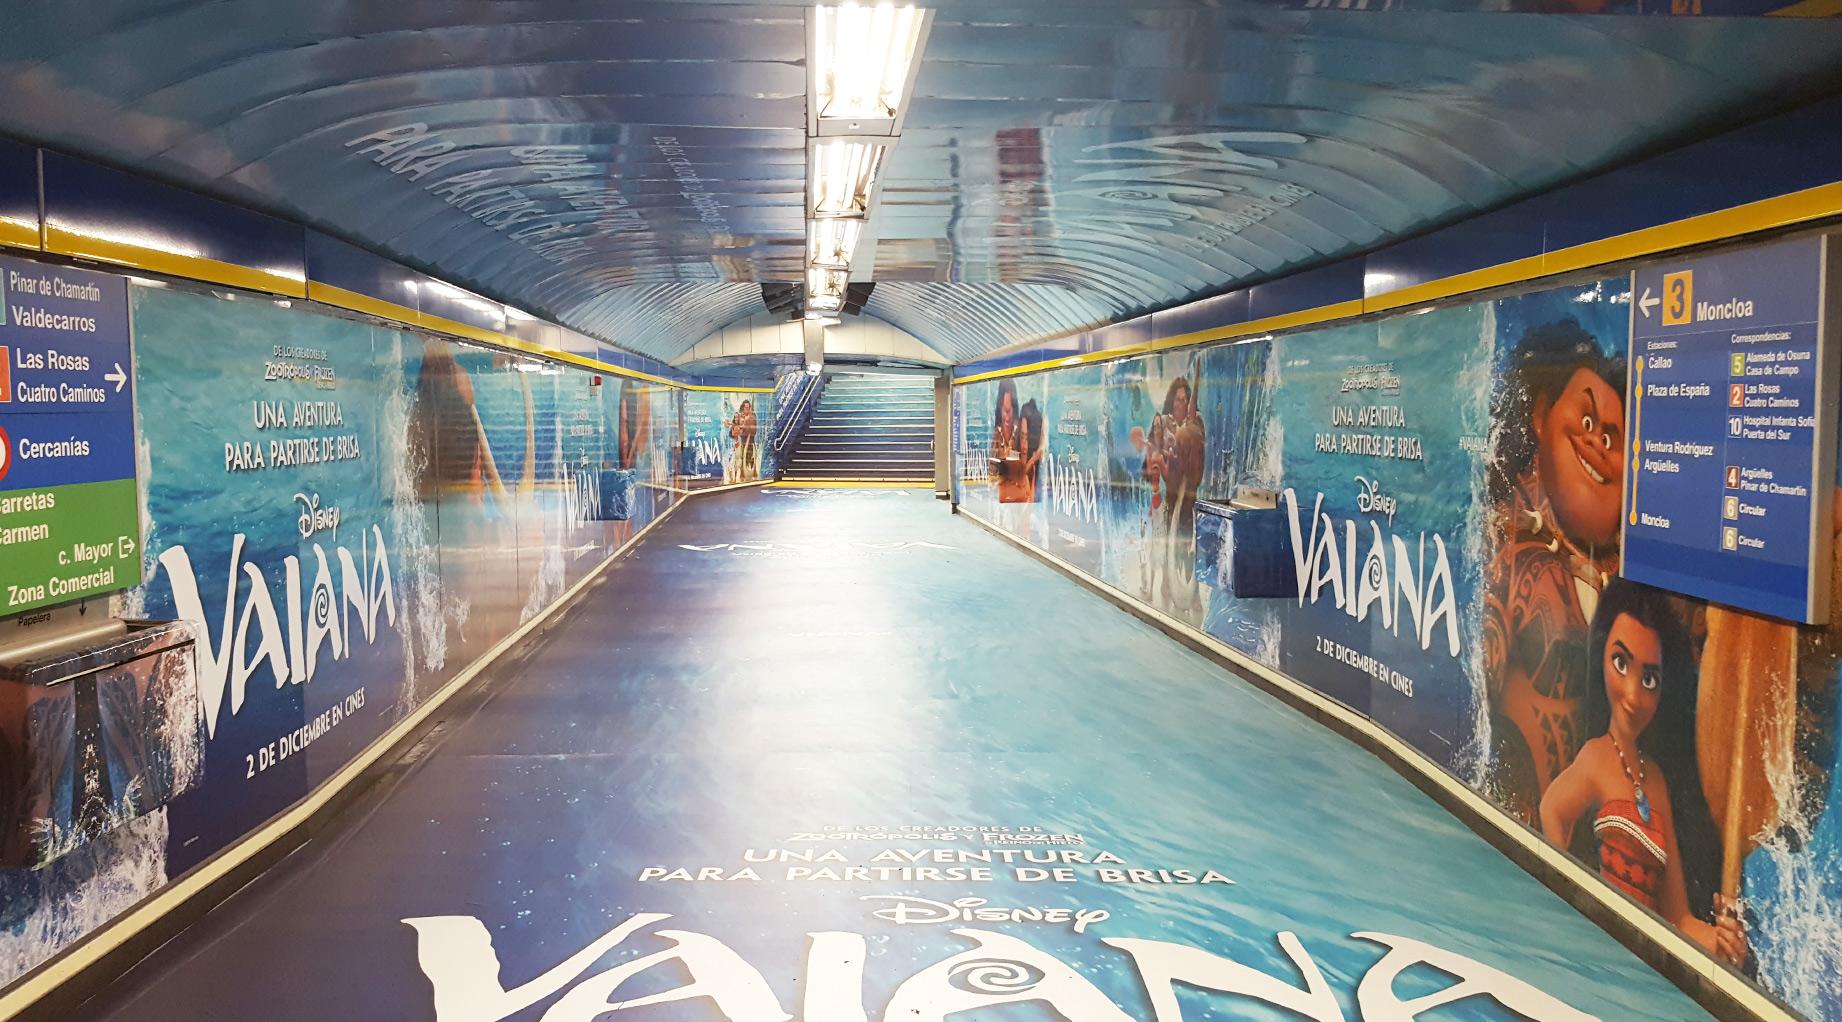 Metro Vaiana